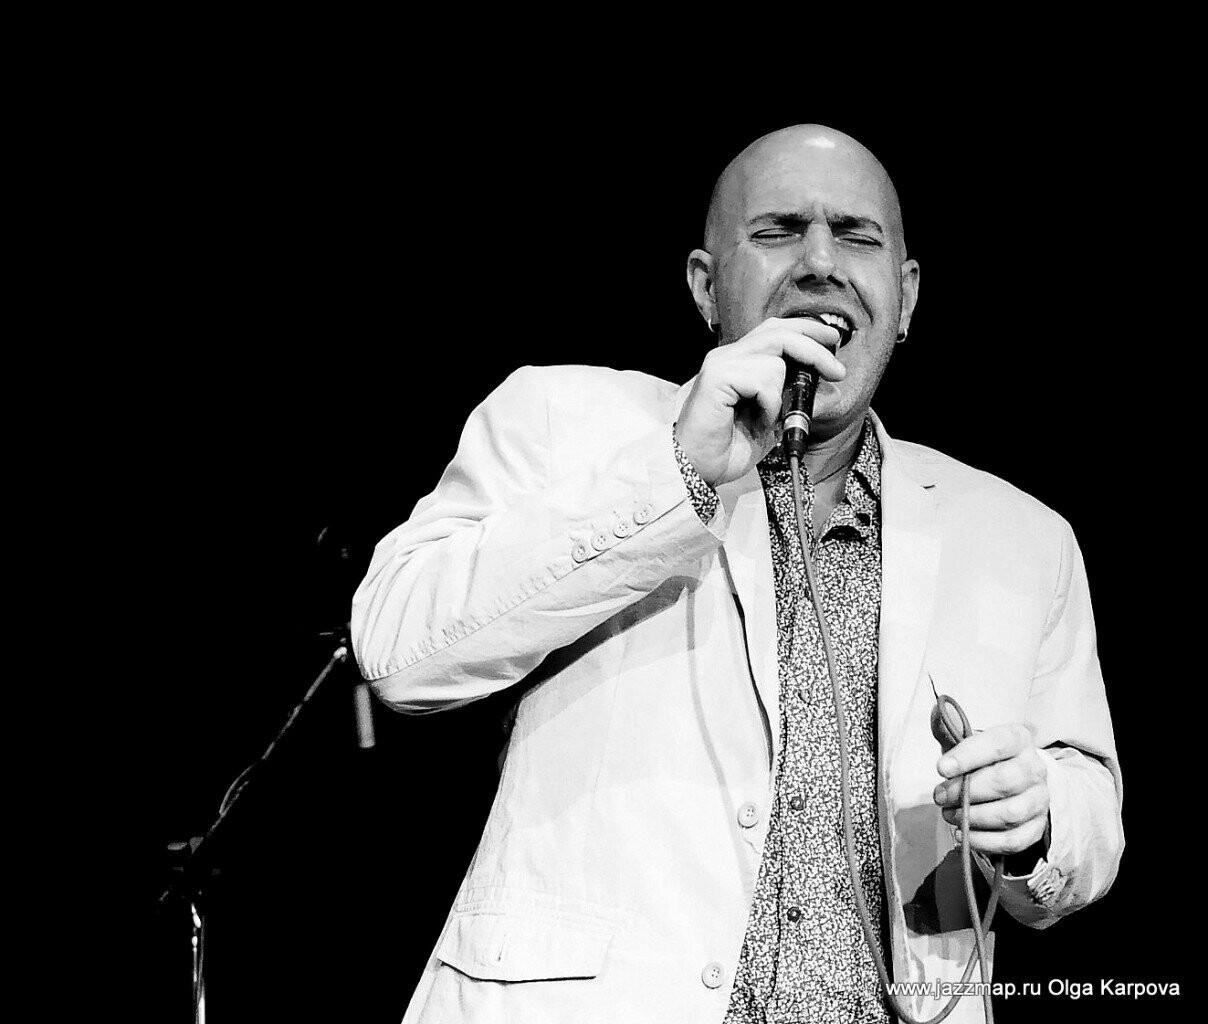 Сегодня в Коктебеле стартует Международный джазовый фестиваль «Live in Blue Bay», - полная программа , фото-2